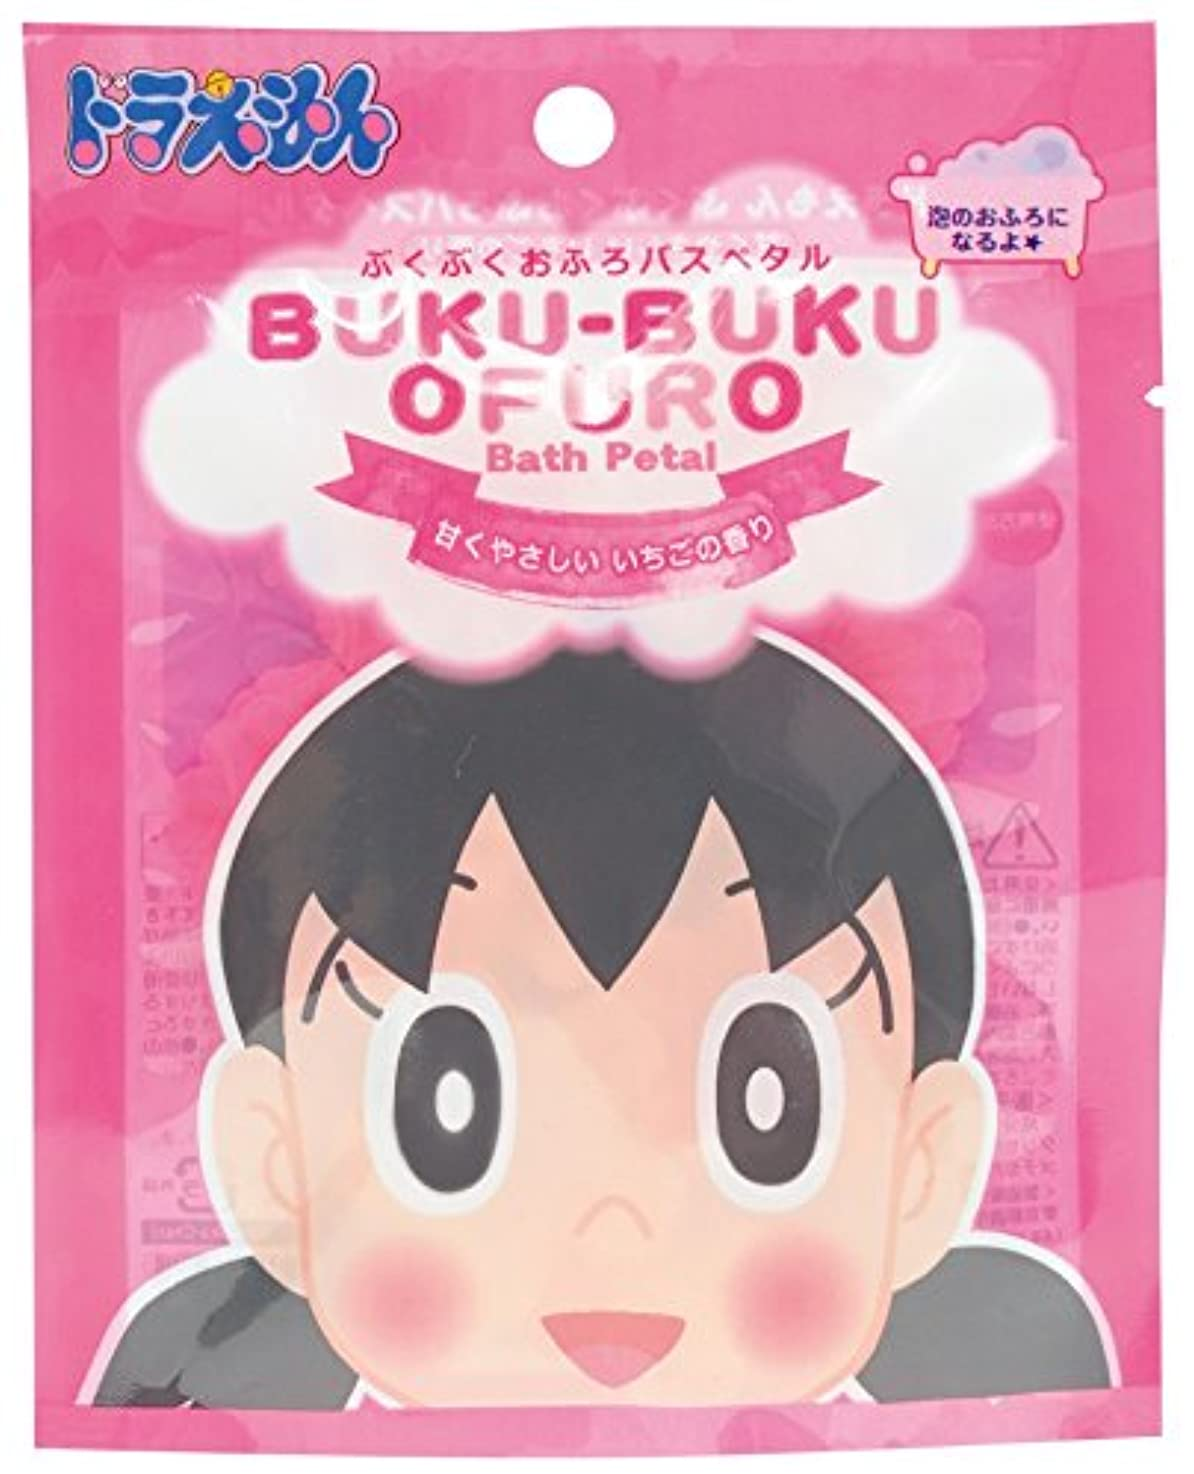 ドラえもん 入浴剤 ぶくぶくおふろ バスペタル いちご の香り しずかちゃん OB-DOR-1-3